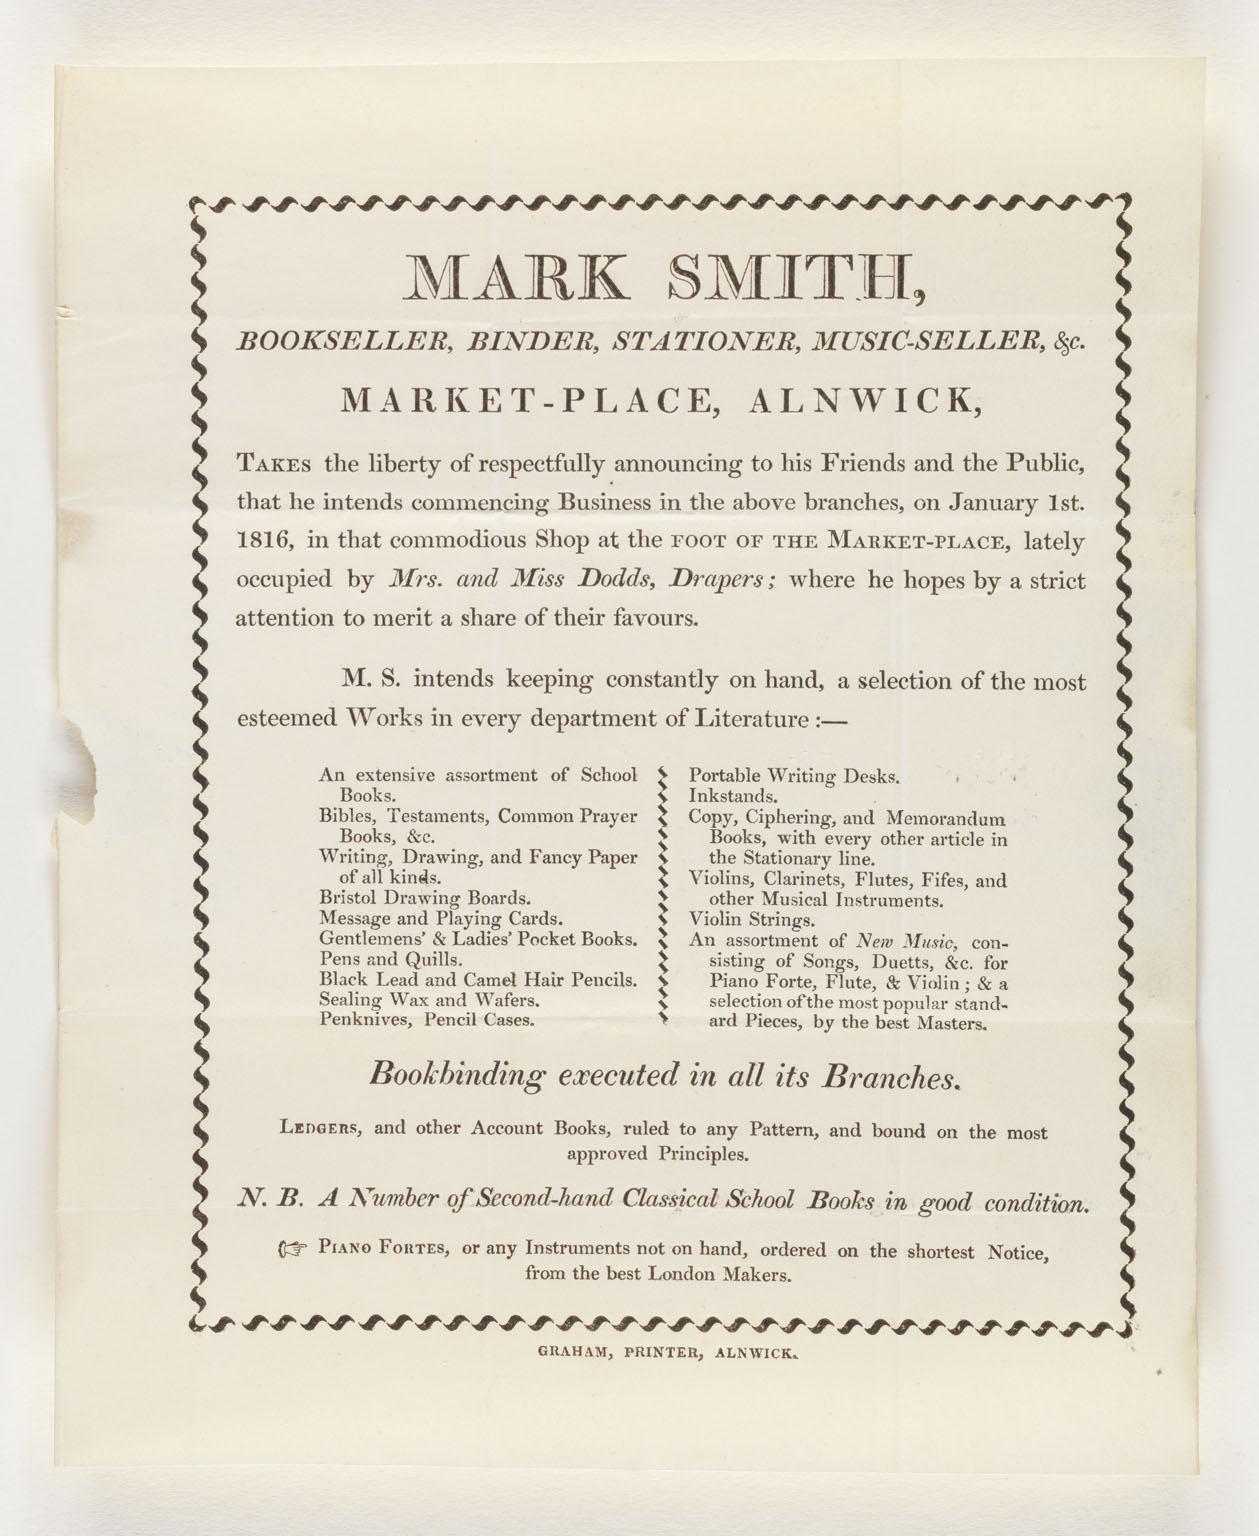 Mark Smith bookseller...